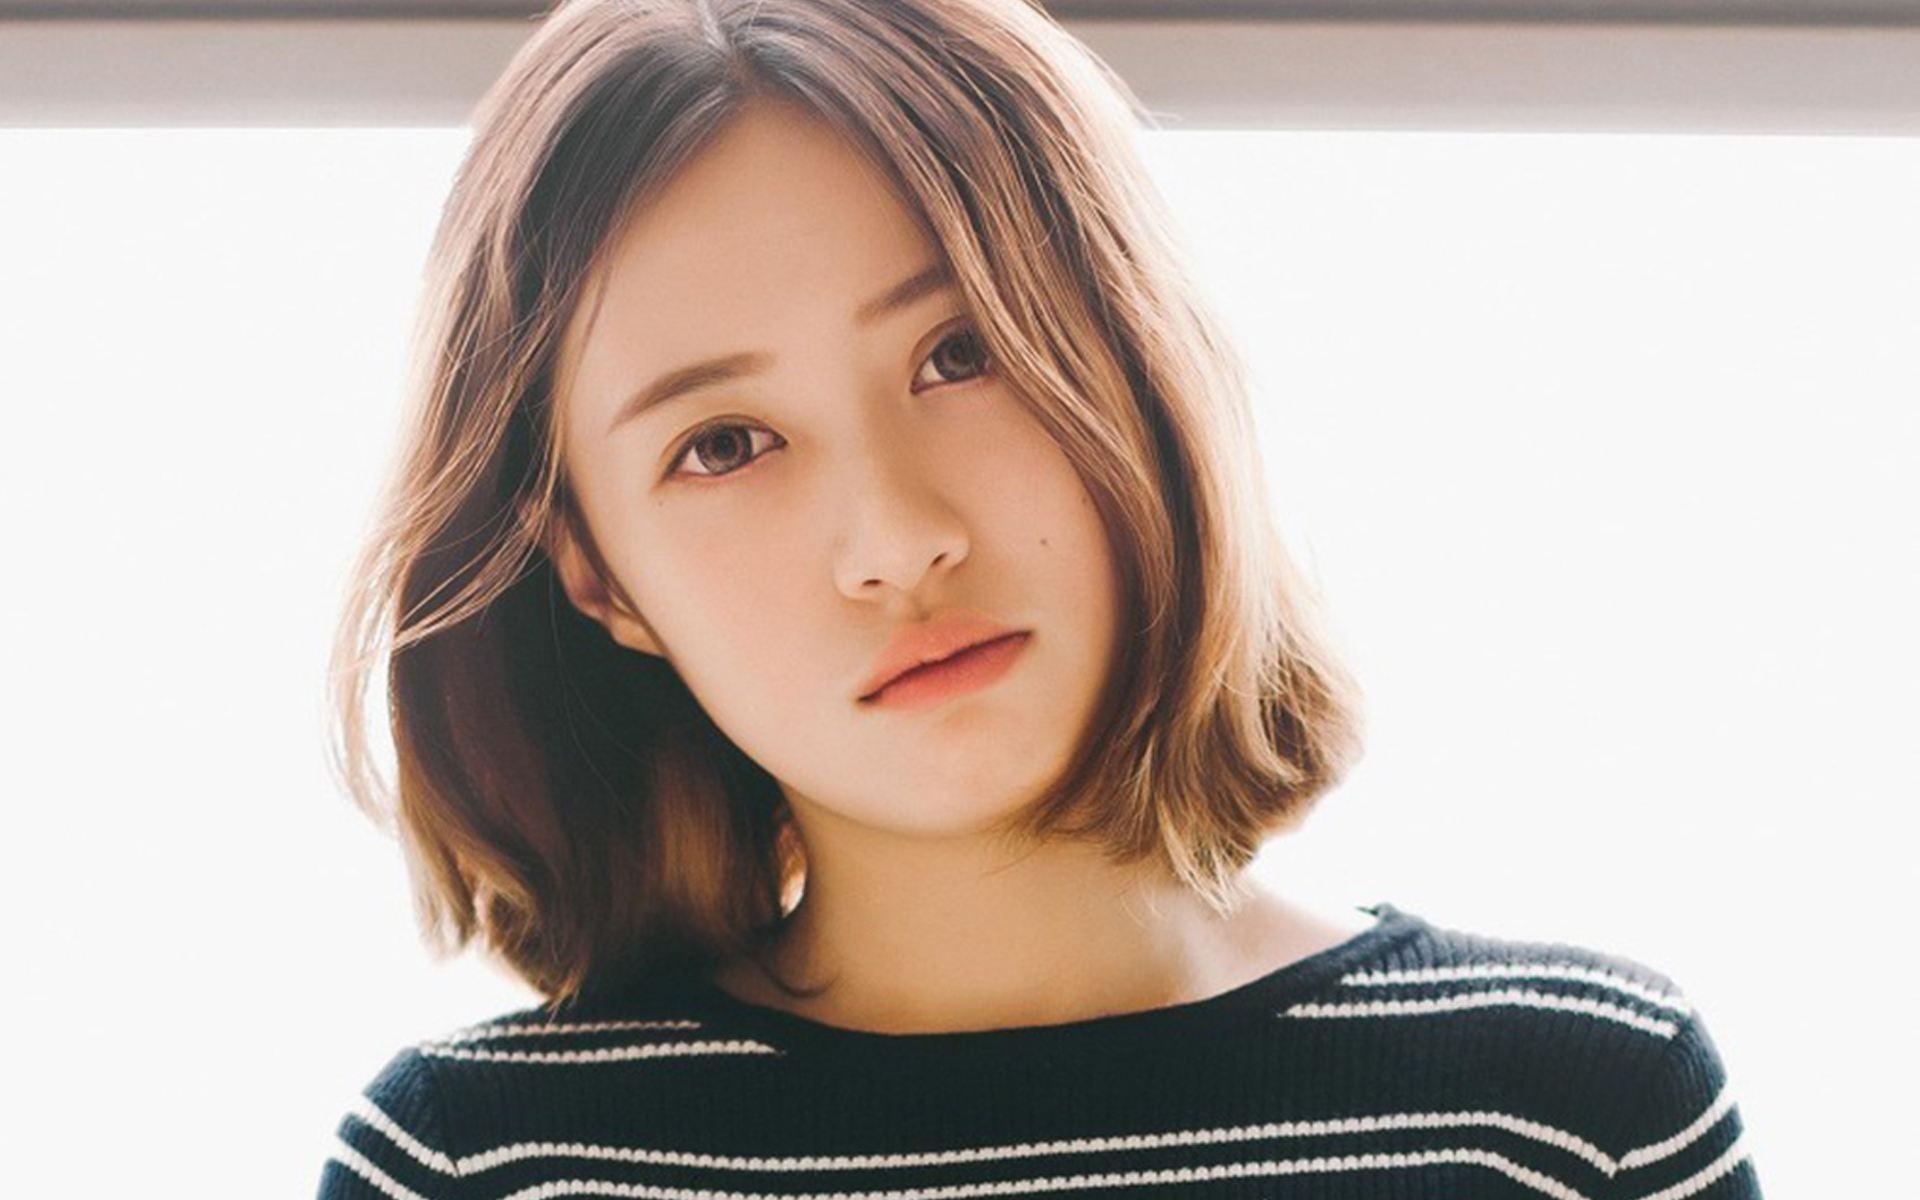 韩式隆鼻的效果是可以永久维持的吗